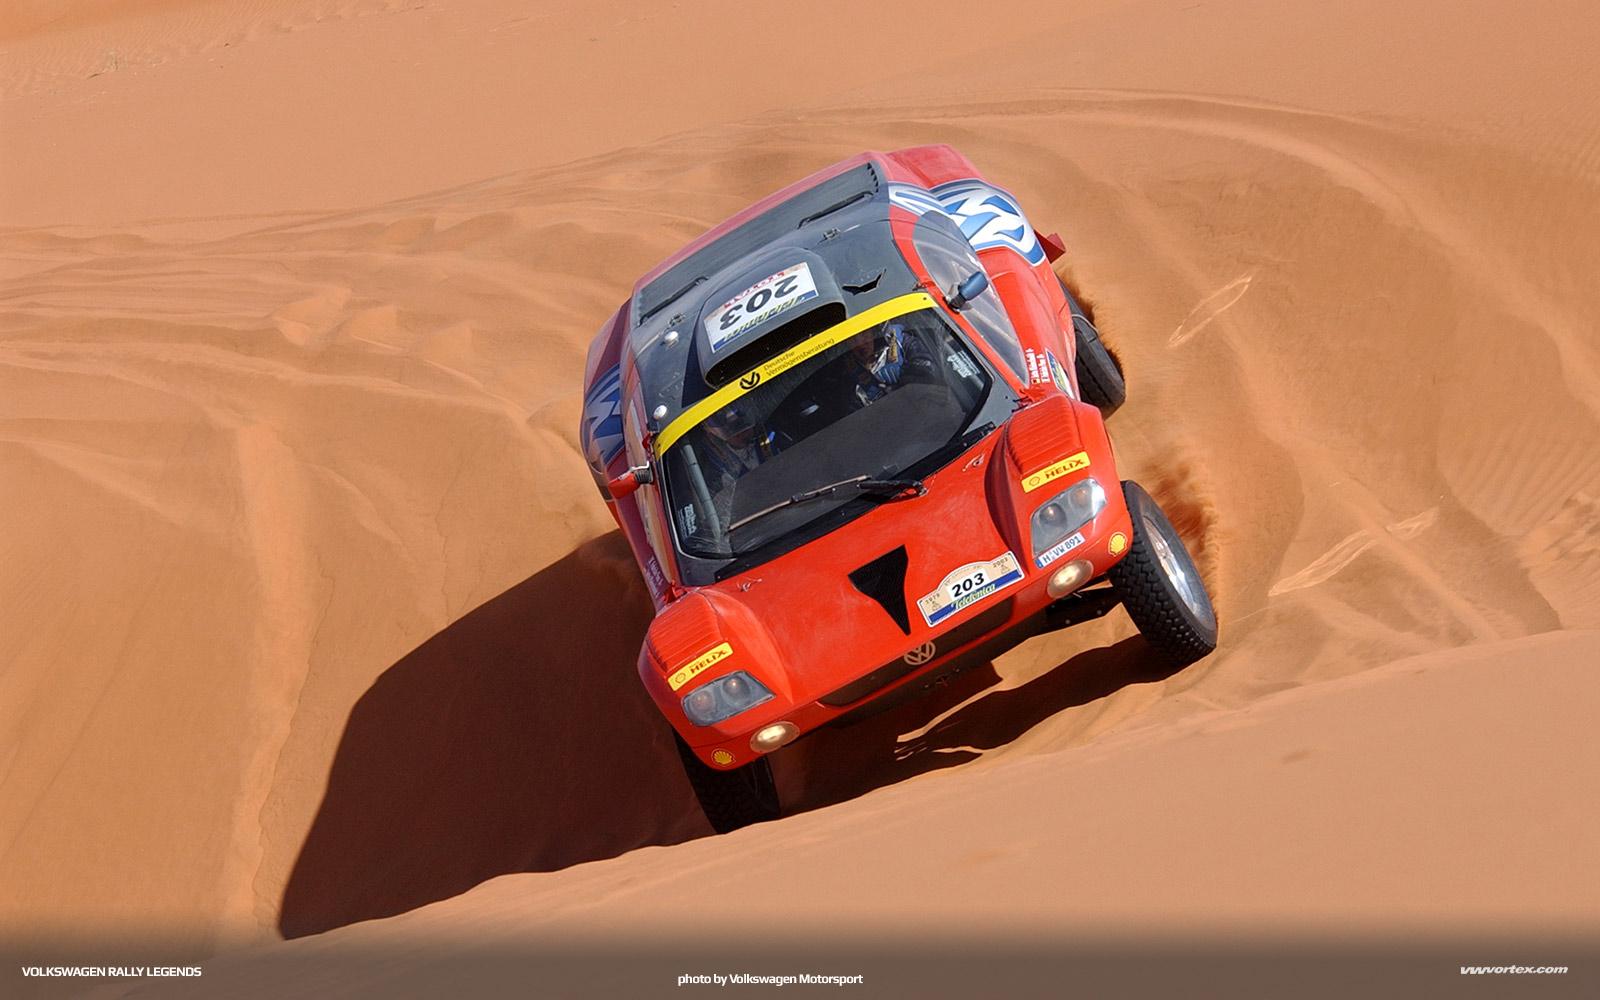 volkswagen-rally-legends-409